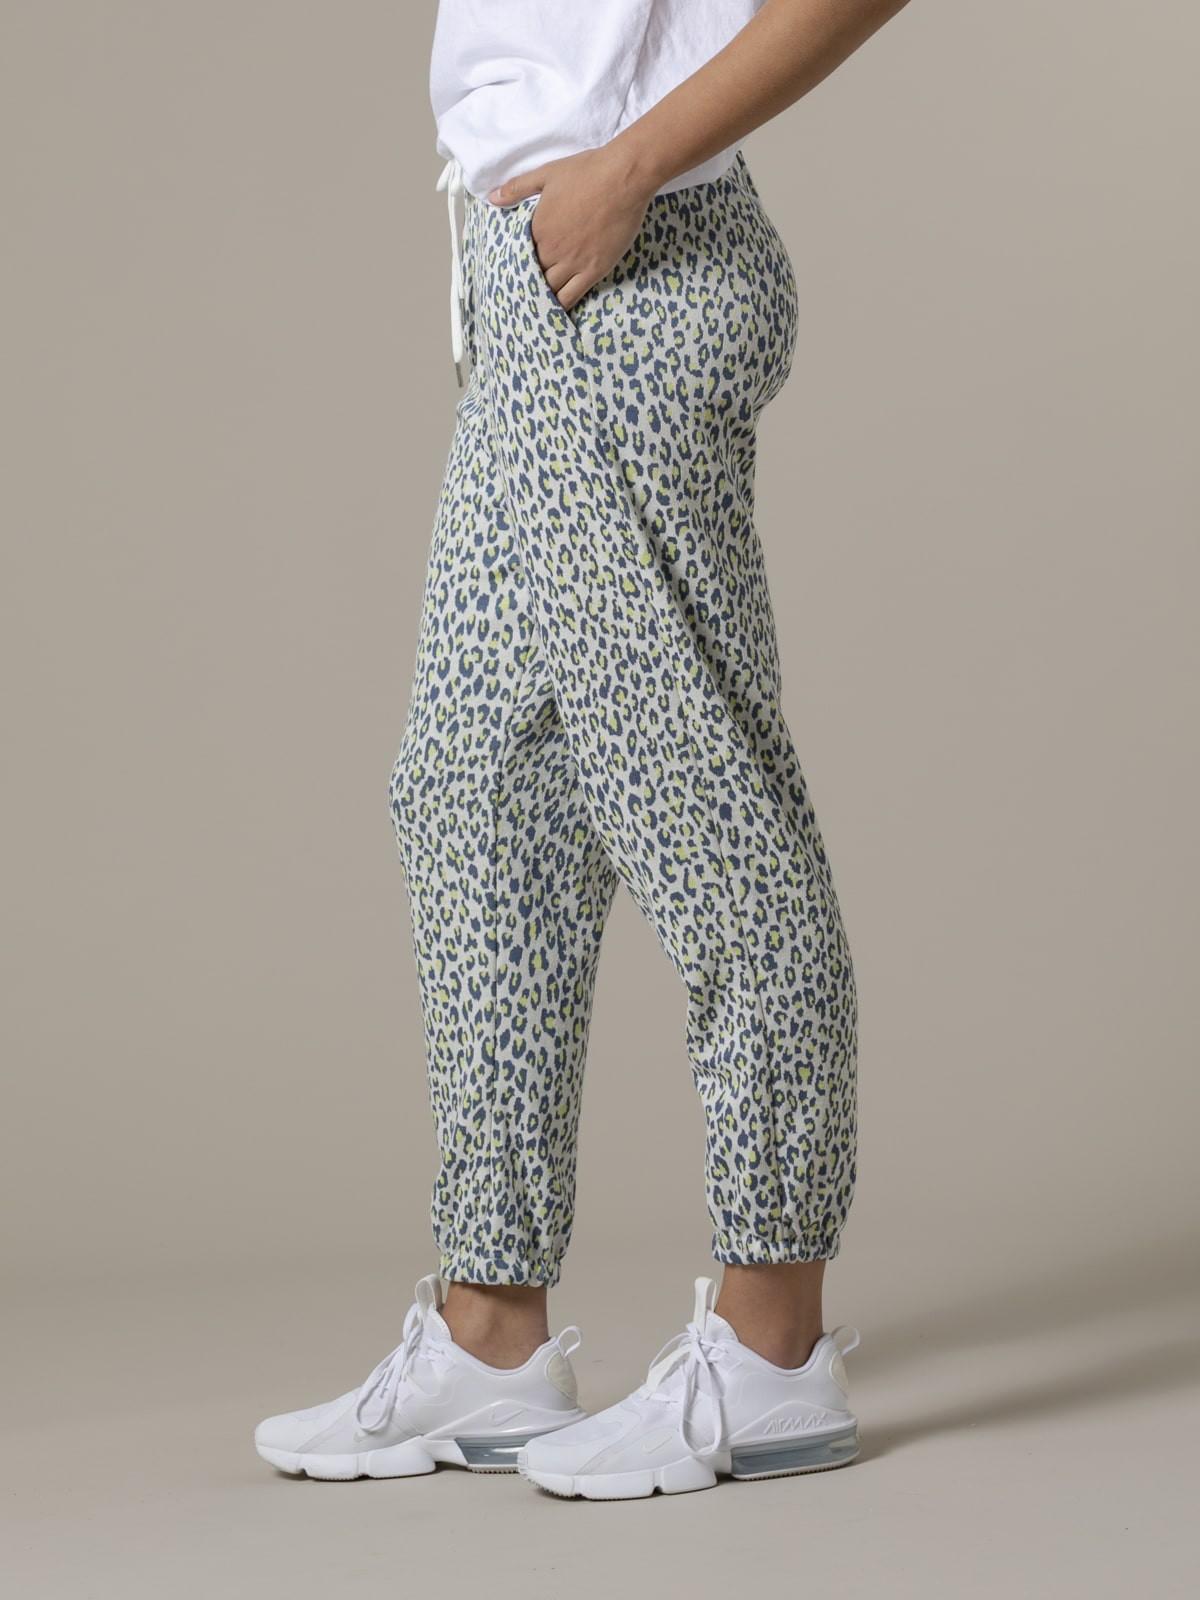 Pantalón sport mujer leopardo azul oscuro